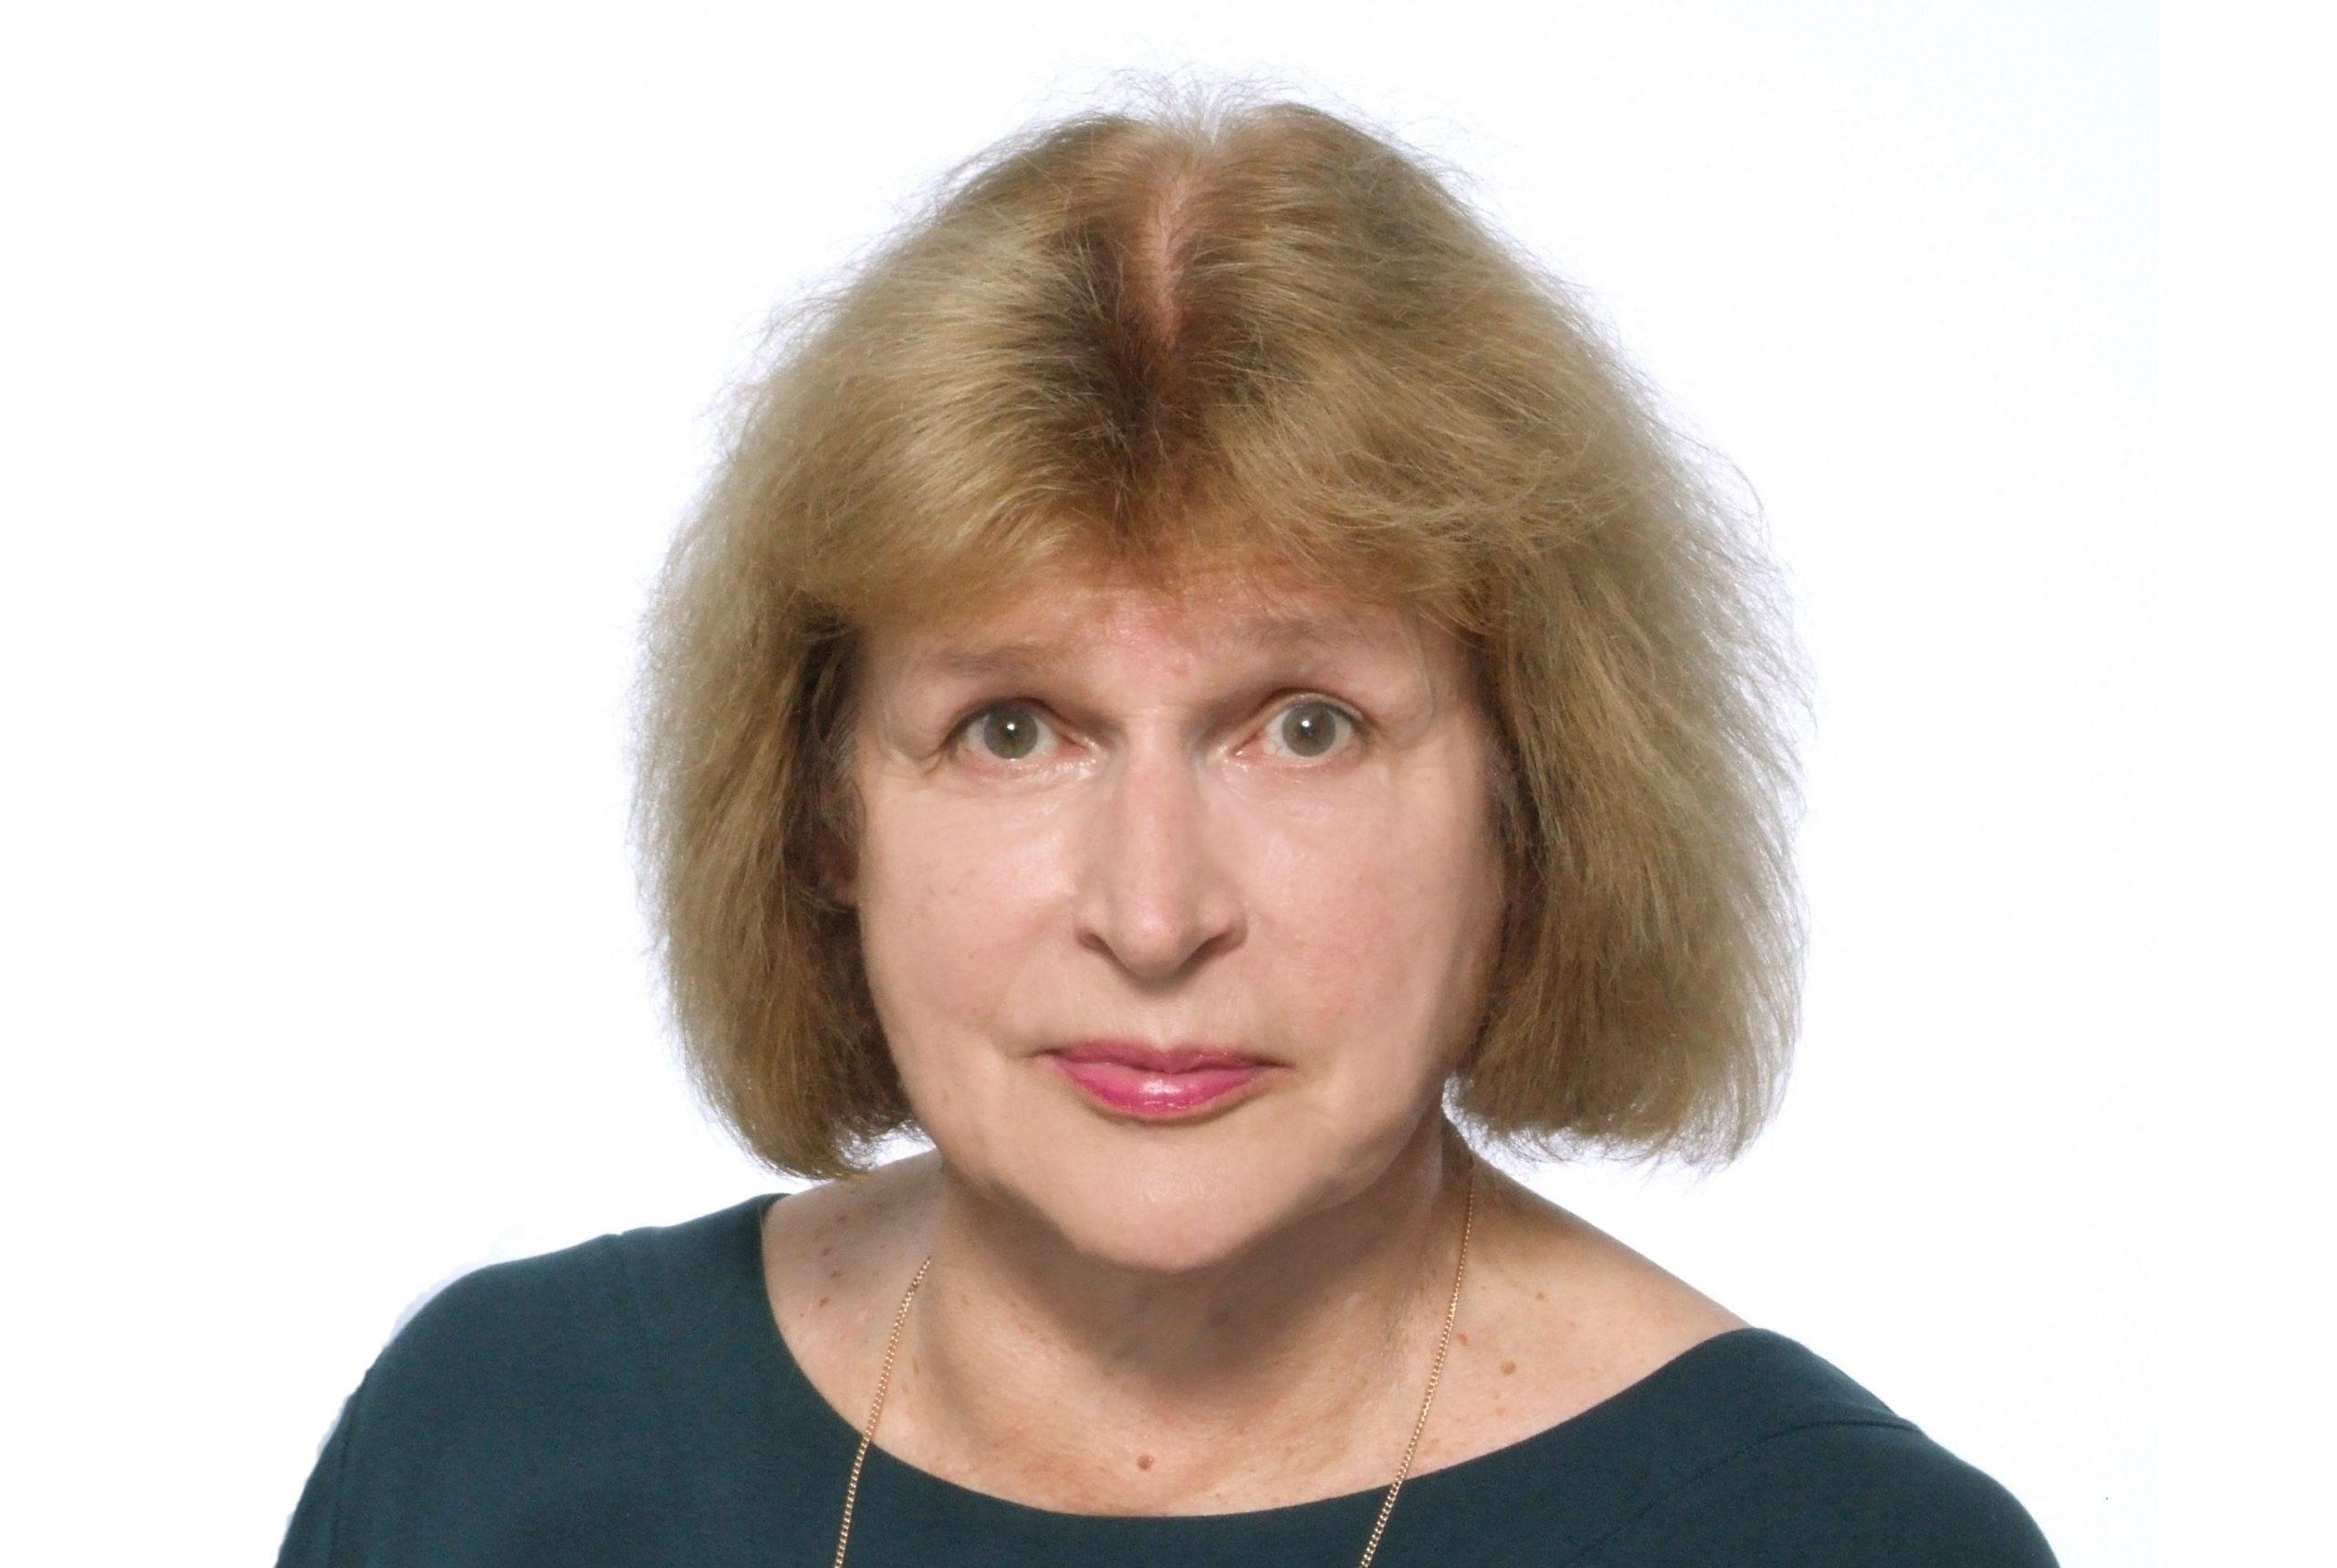 Rūta Jakubonienė (Amici naturae)